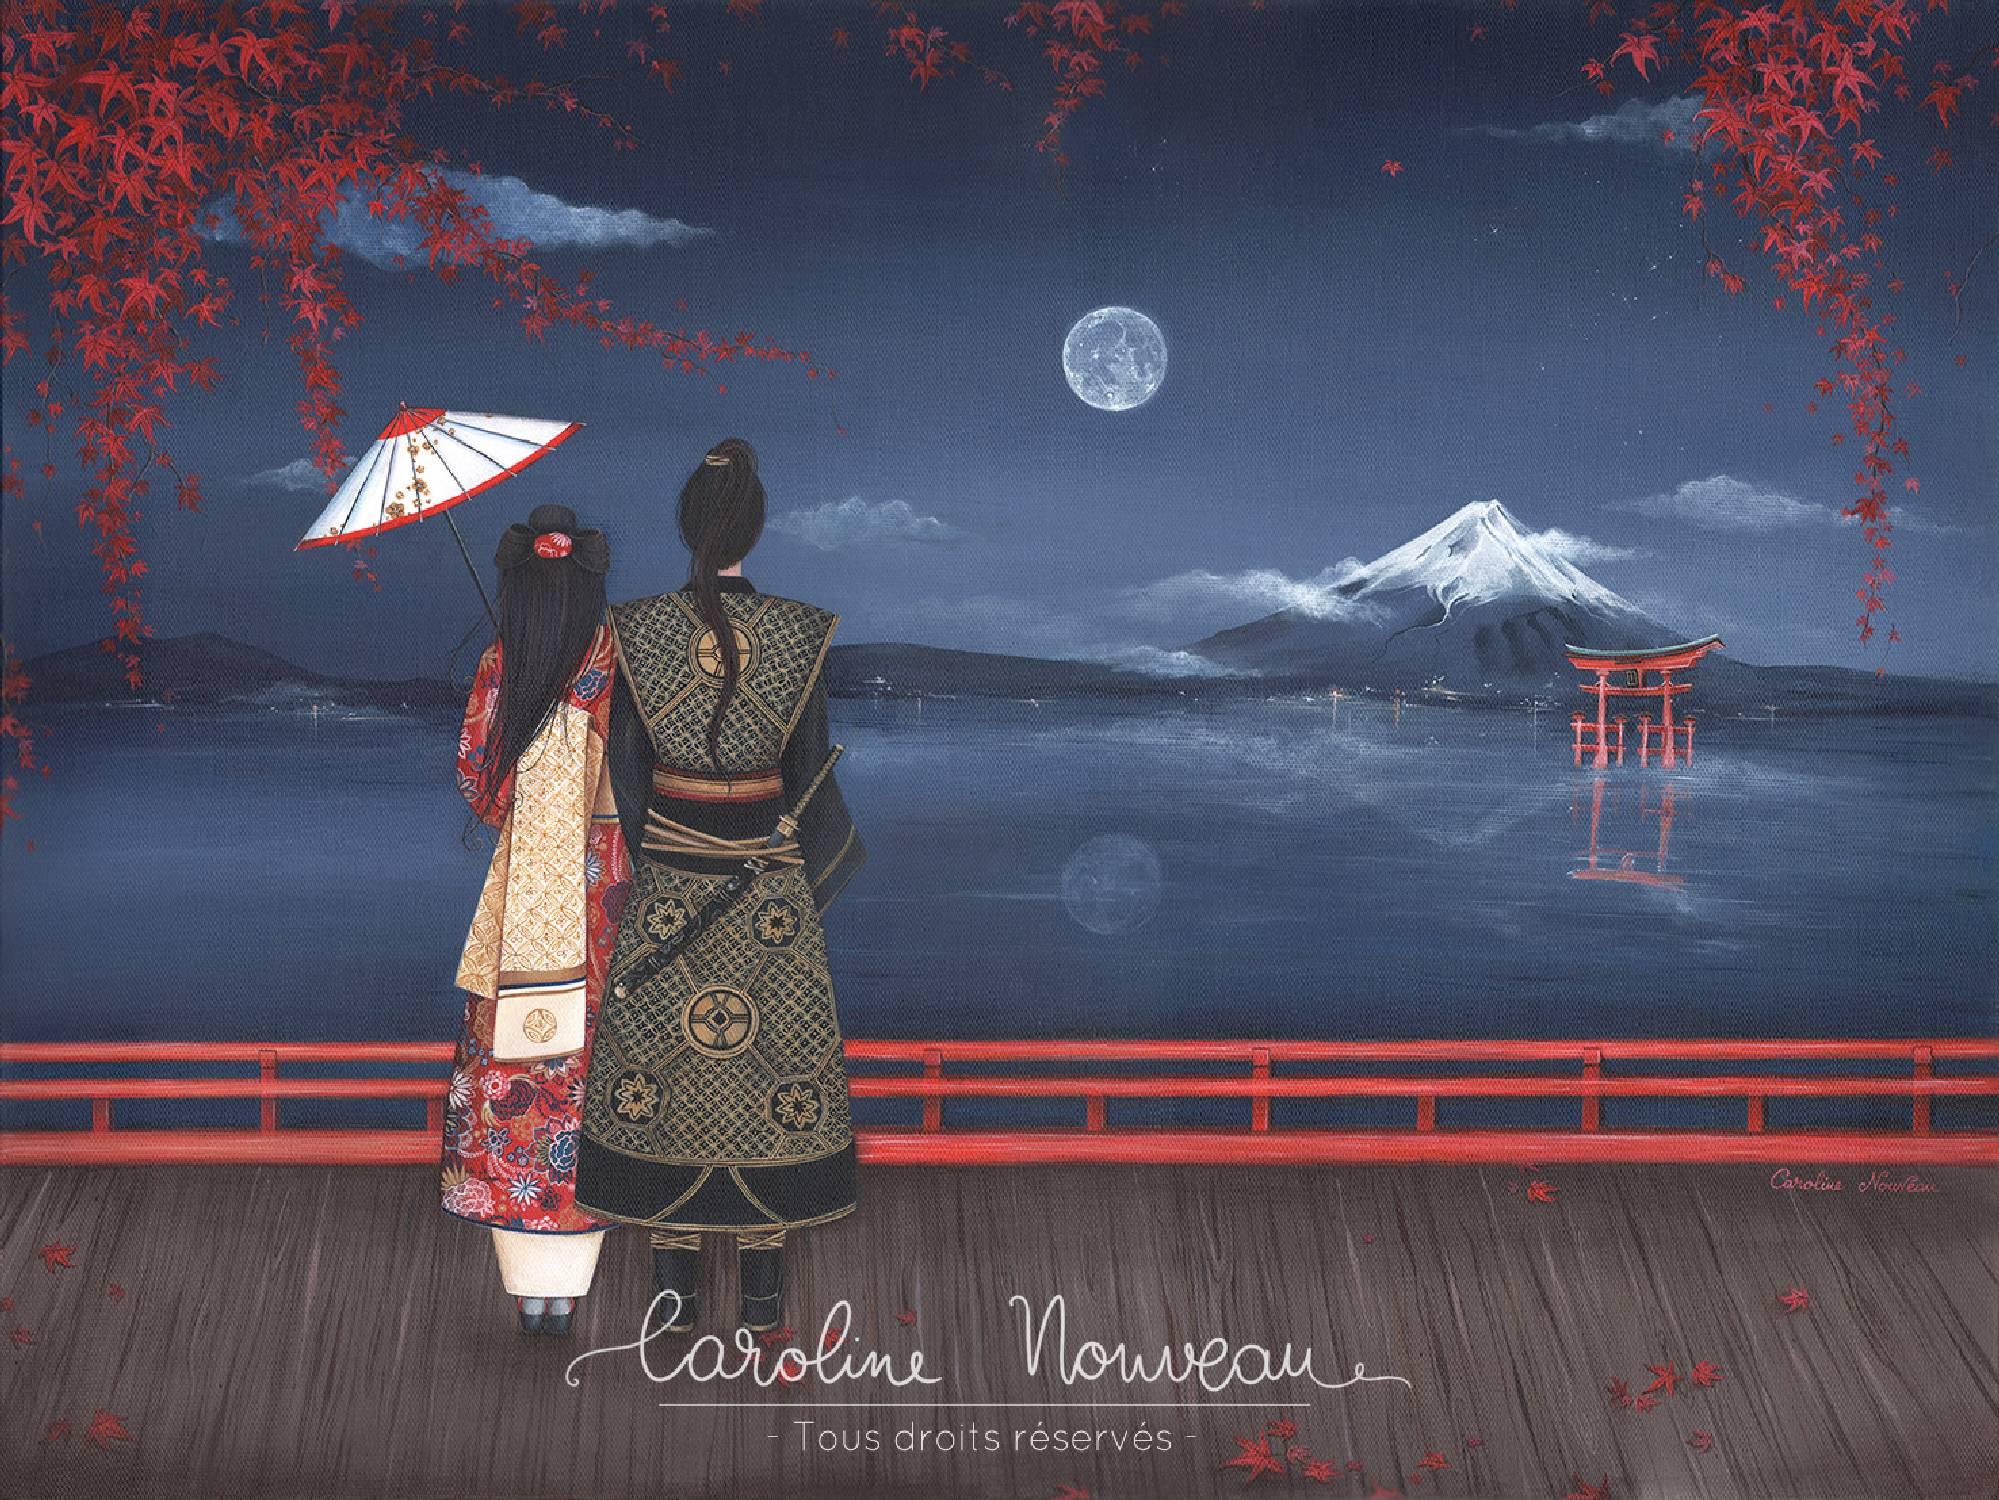 """""""Momijigari, l'Automne rouge au Mont Fuji"""" Acrylique sur toile - 61*46cm - 2017/2018 - Non disponible"""